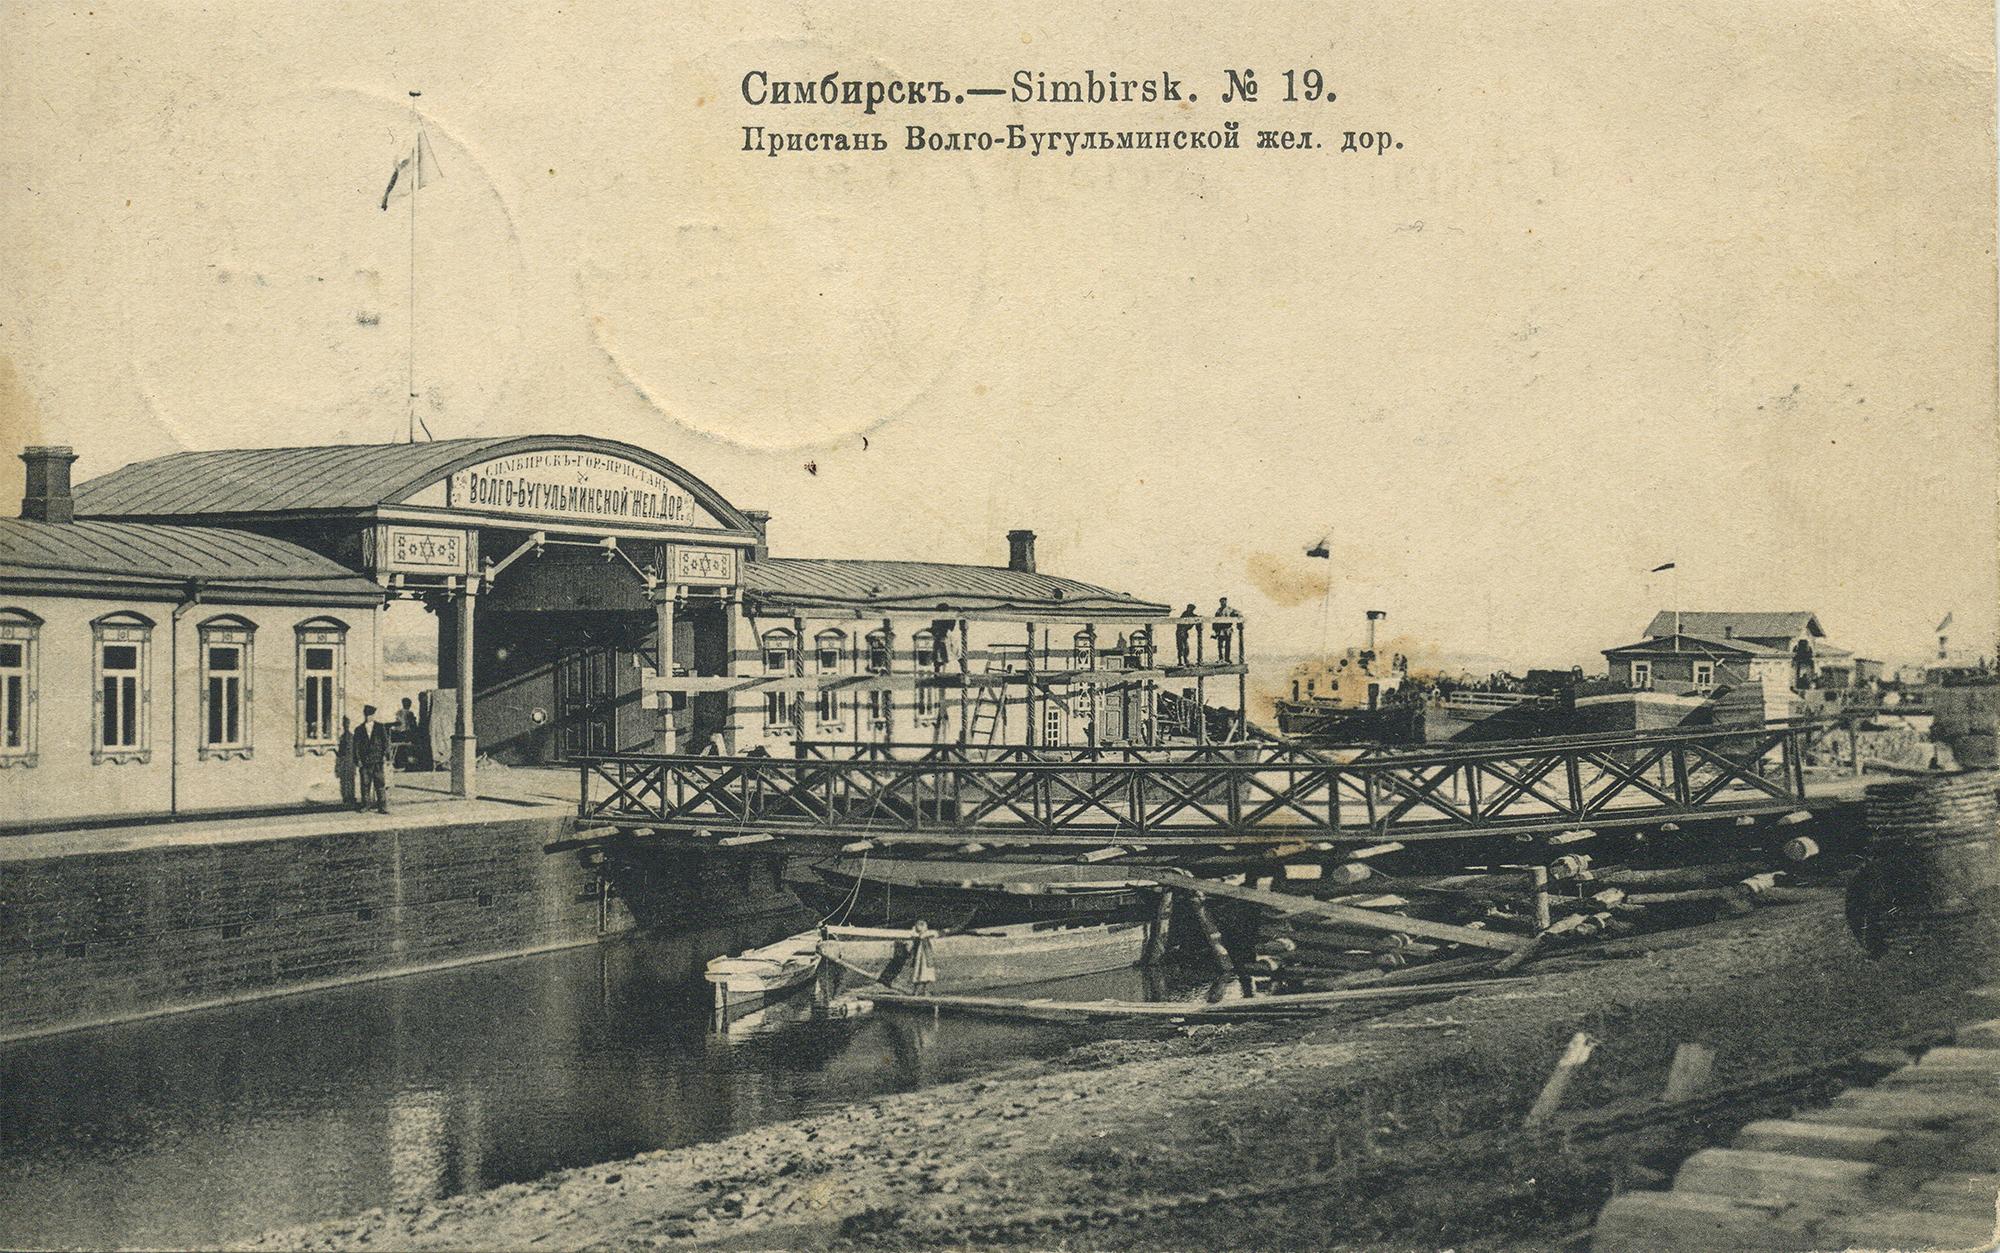 Пристань Волго-Бугульминской железной дороги